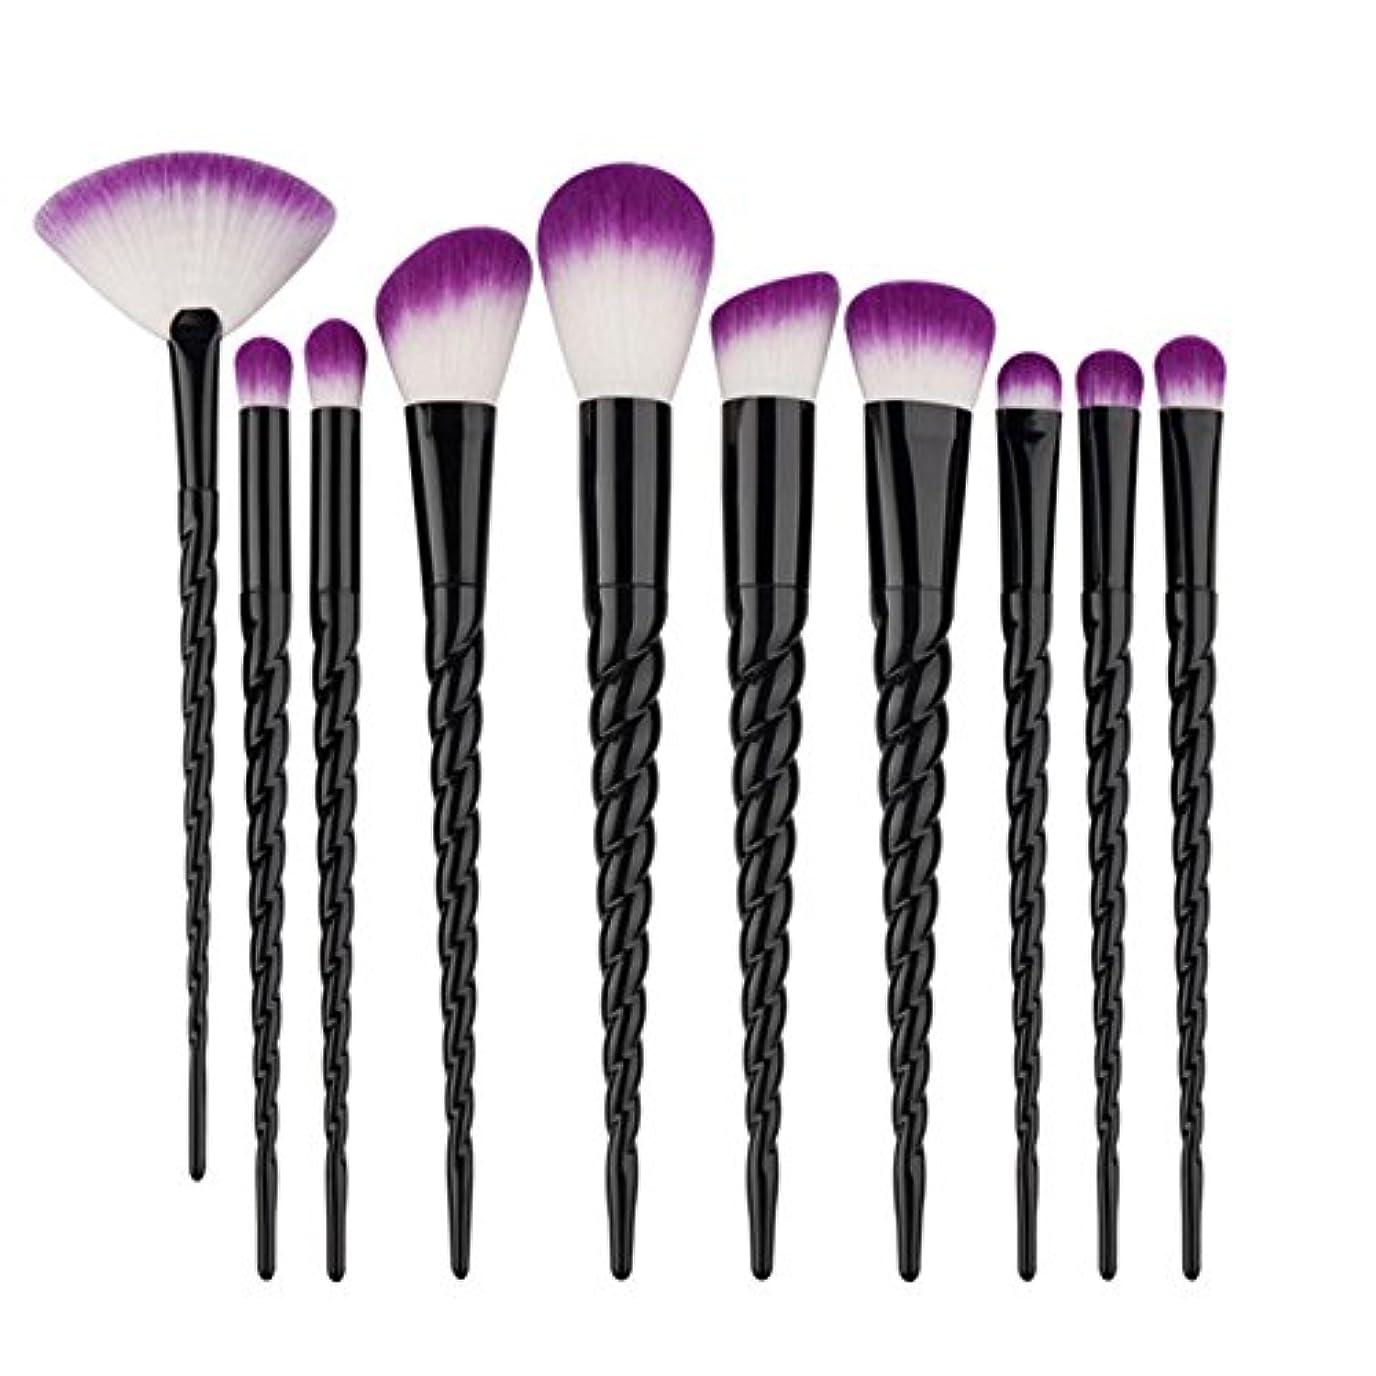 Dilla Beauty 10本セットユニコーンデザインプラスチックハンドル形状メイクブラシセット合成毛ファンデーションブラシアイシャドーブラッシャー美容ツール (ブラック)